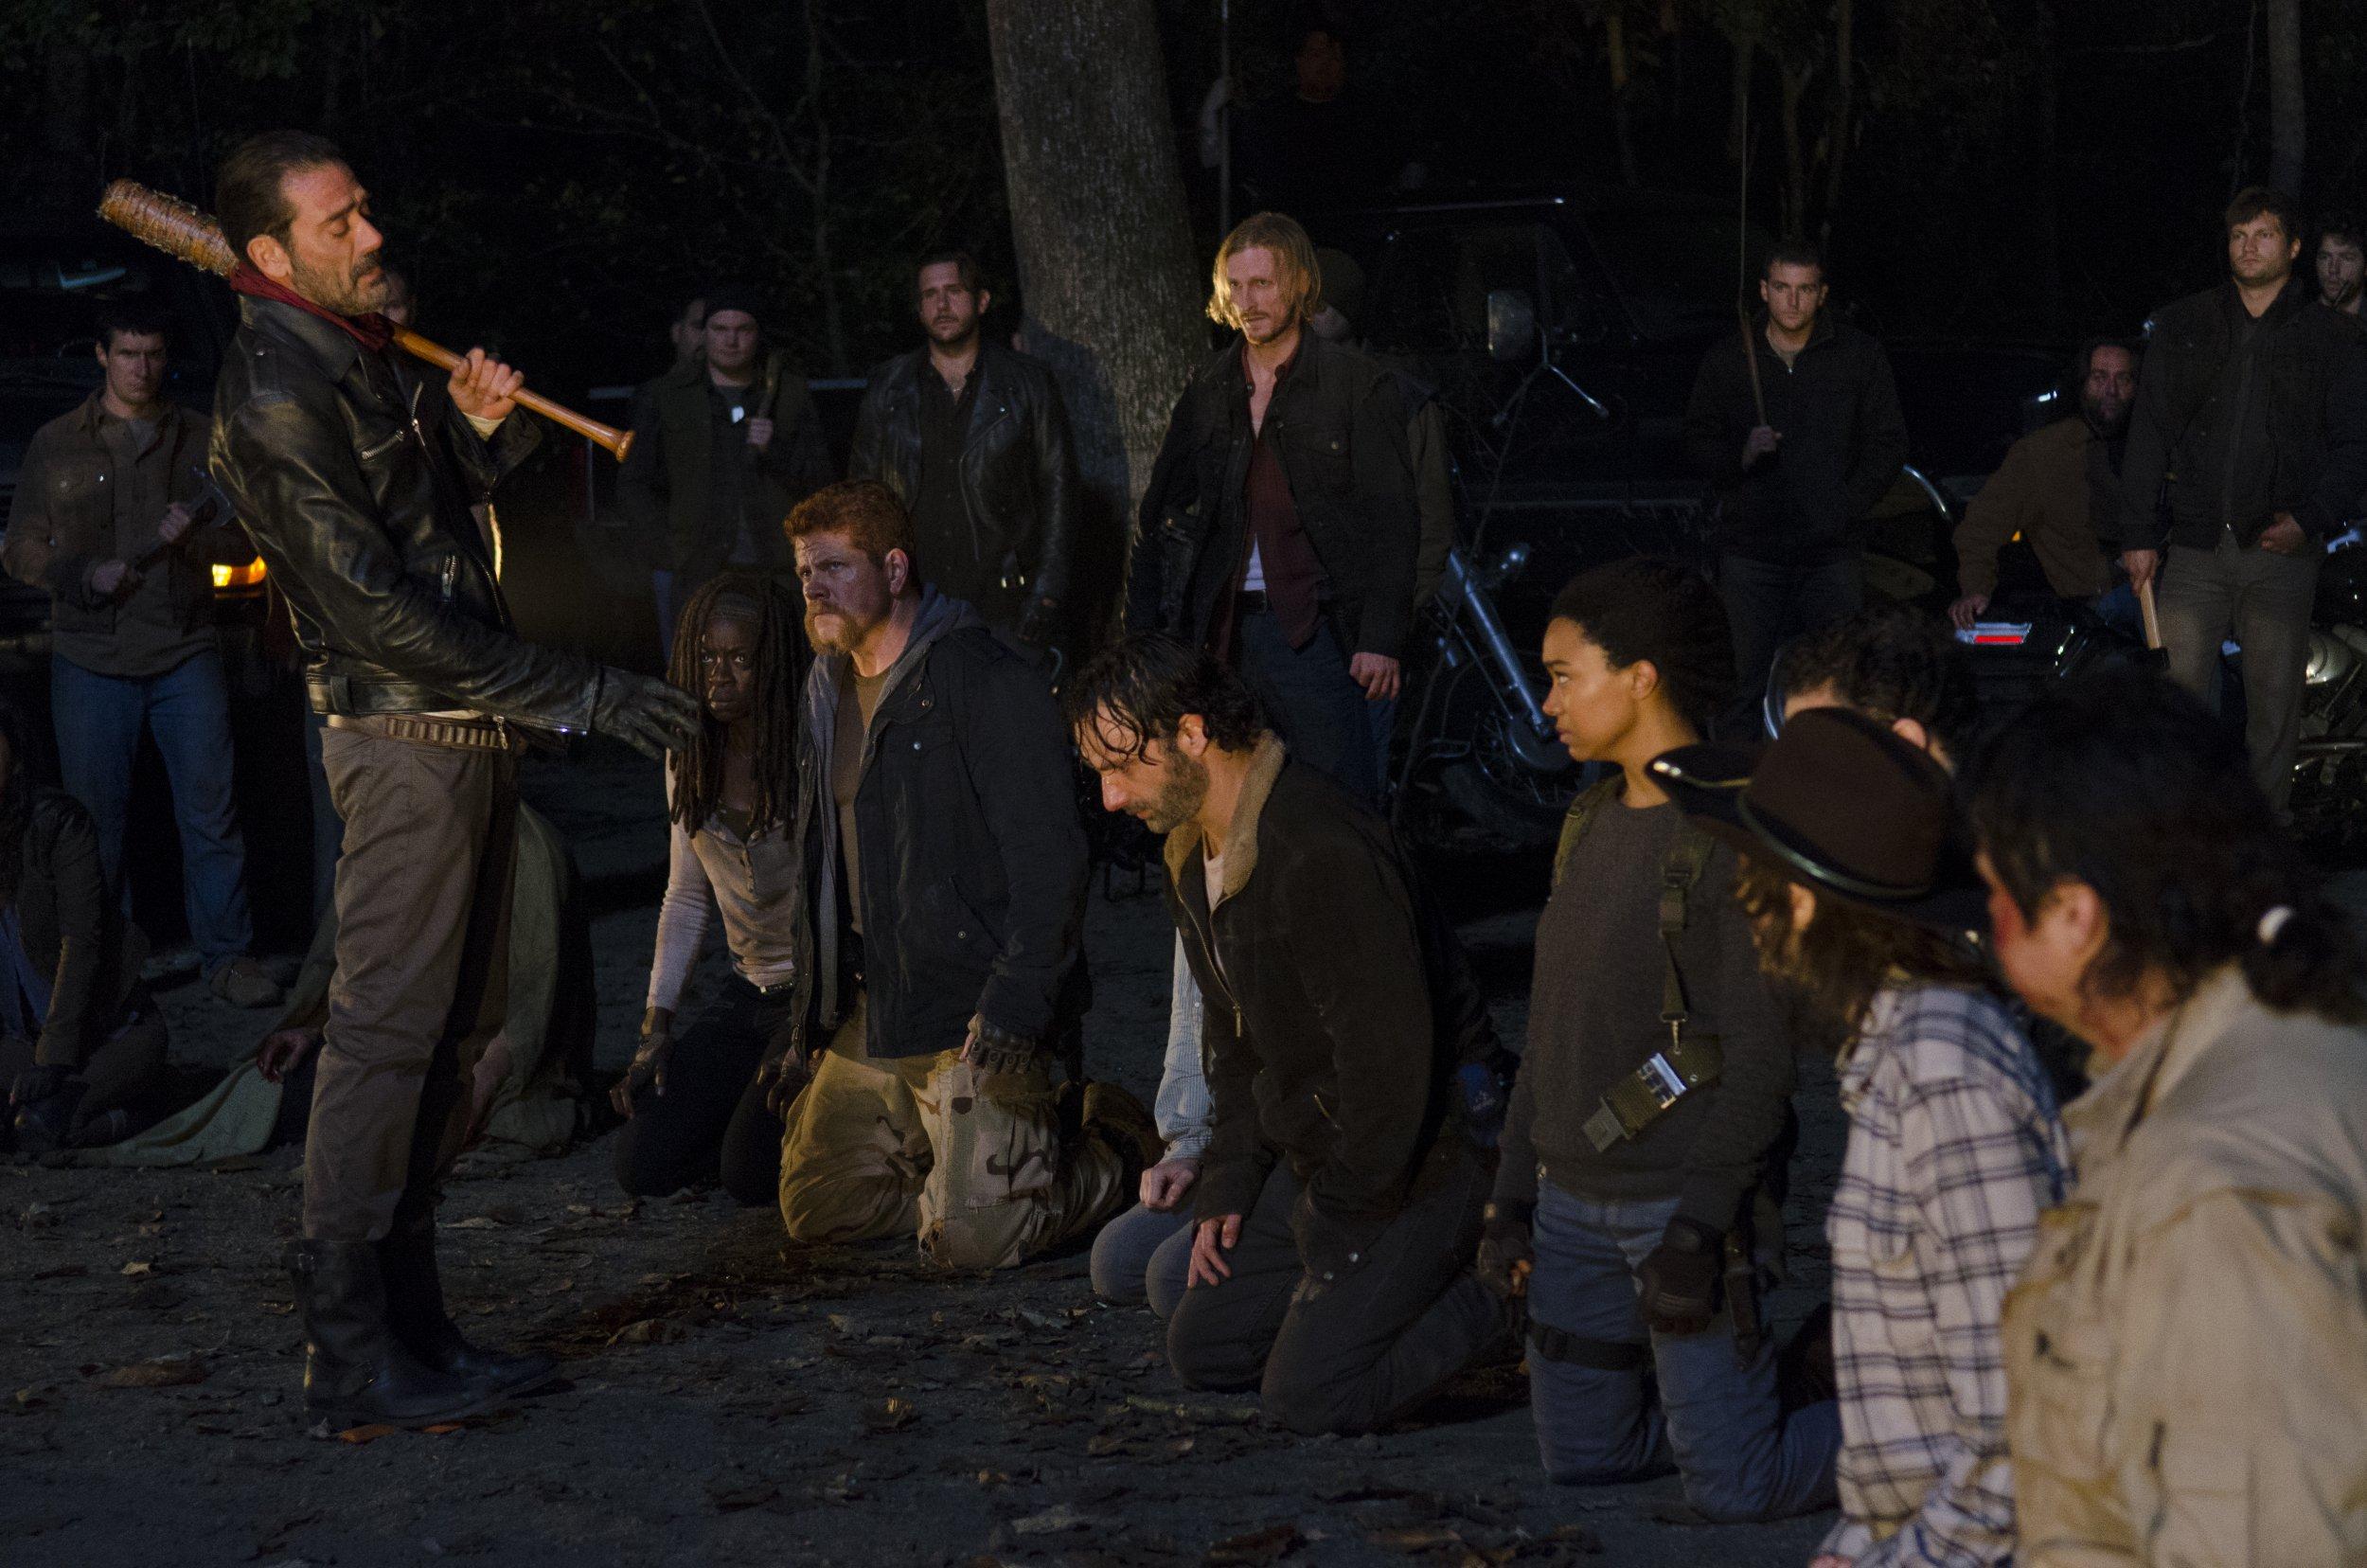 The Walking Dead: Who did Negan kill?